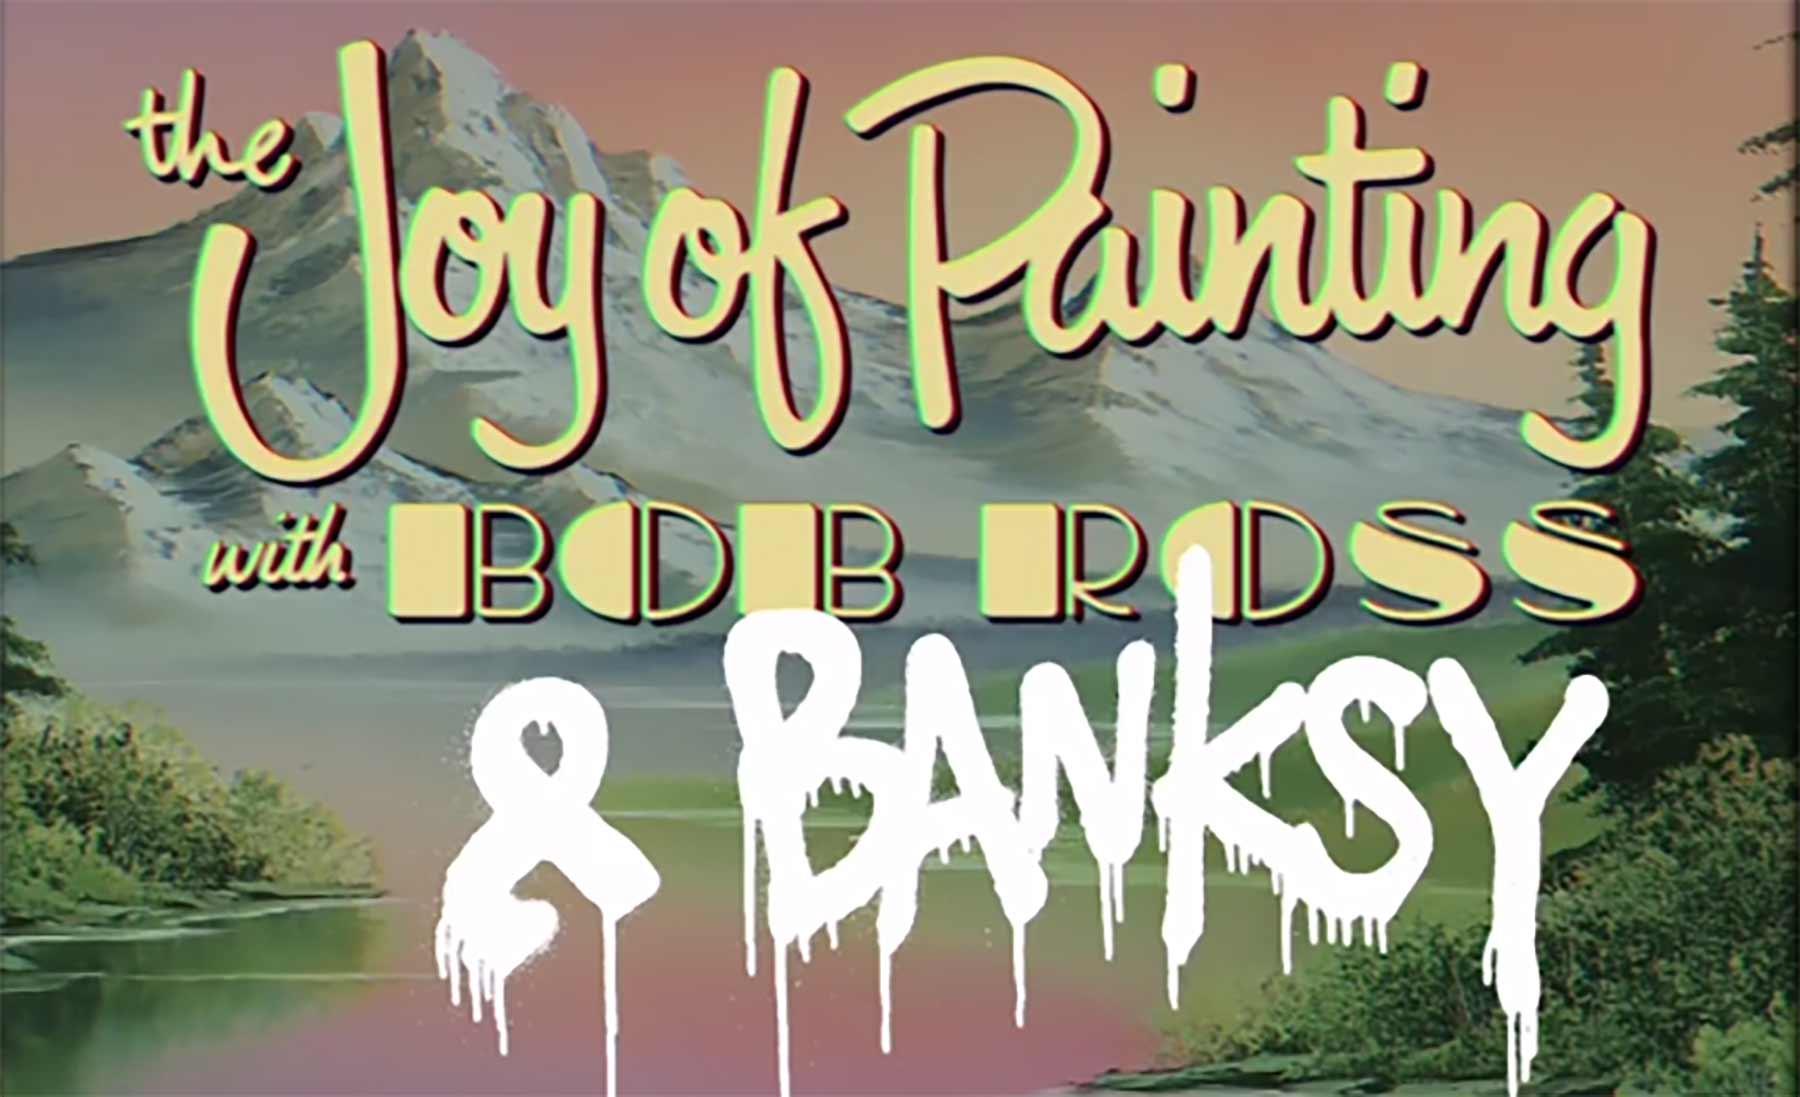 Bob Ross x Banksy